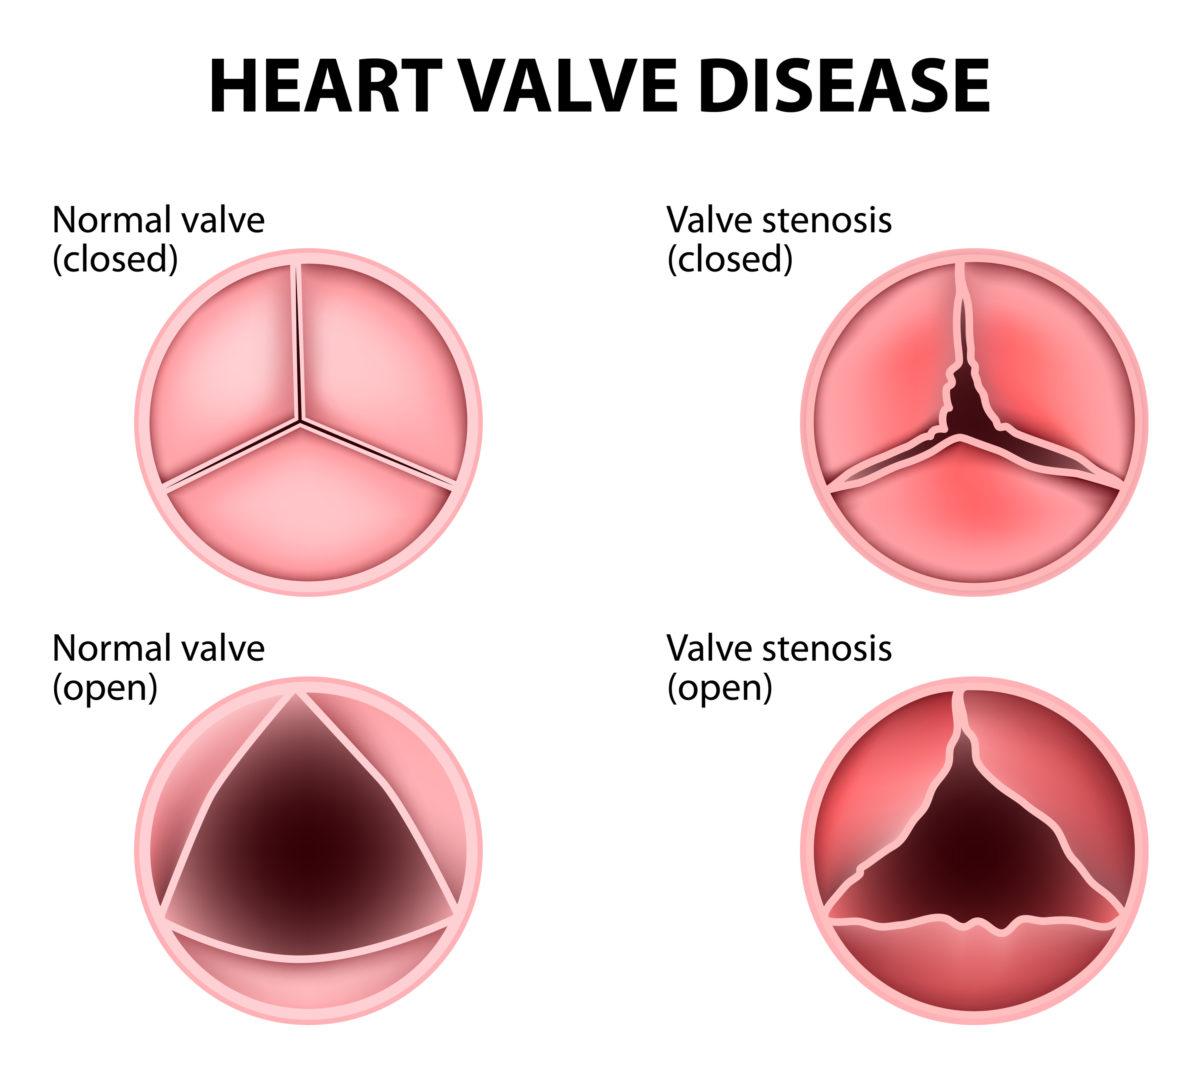 bigstock-Heart-Valve-Disease-113282243-1200x1071.jpg